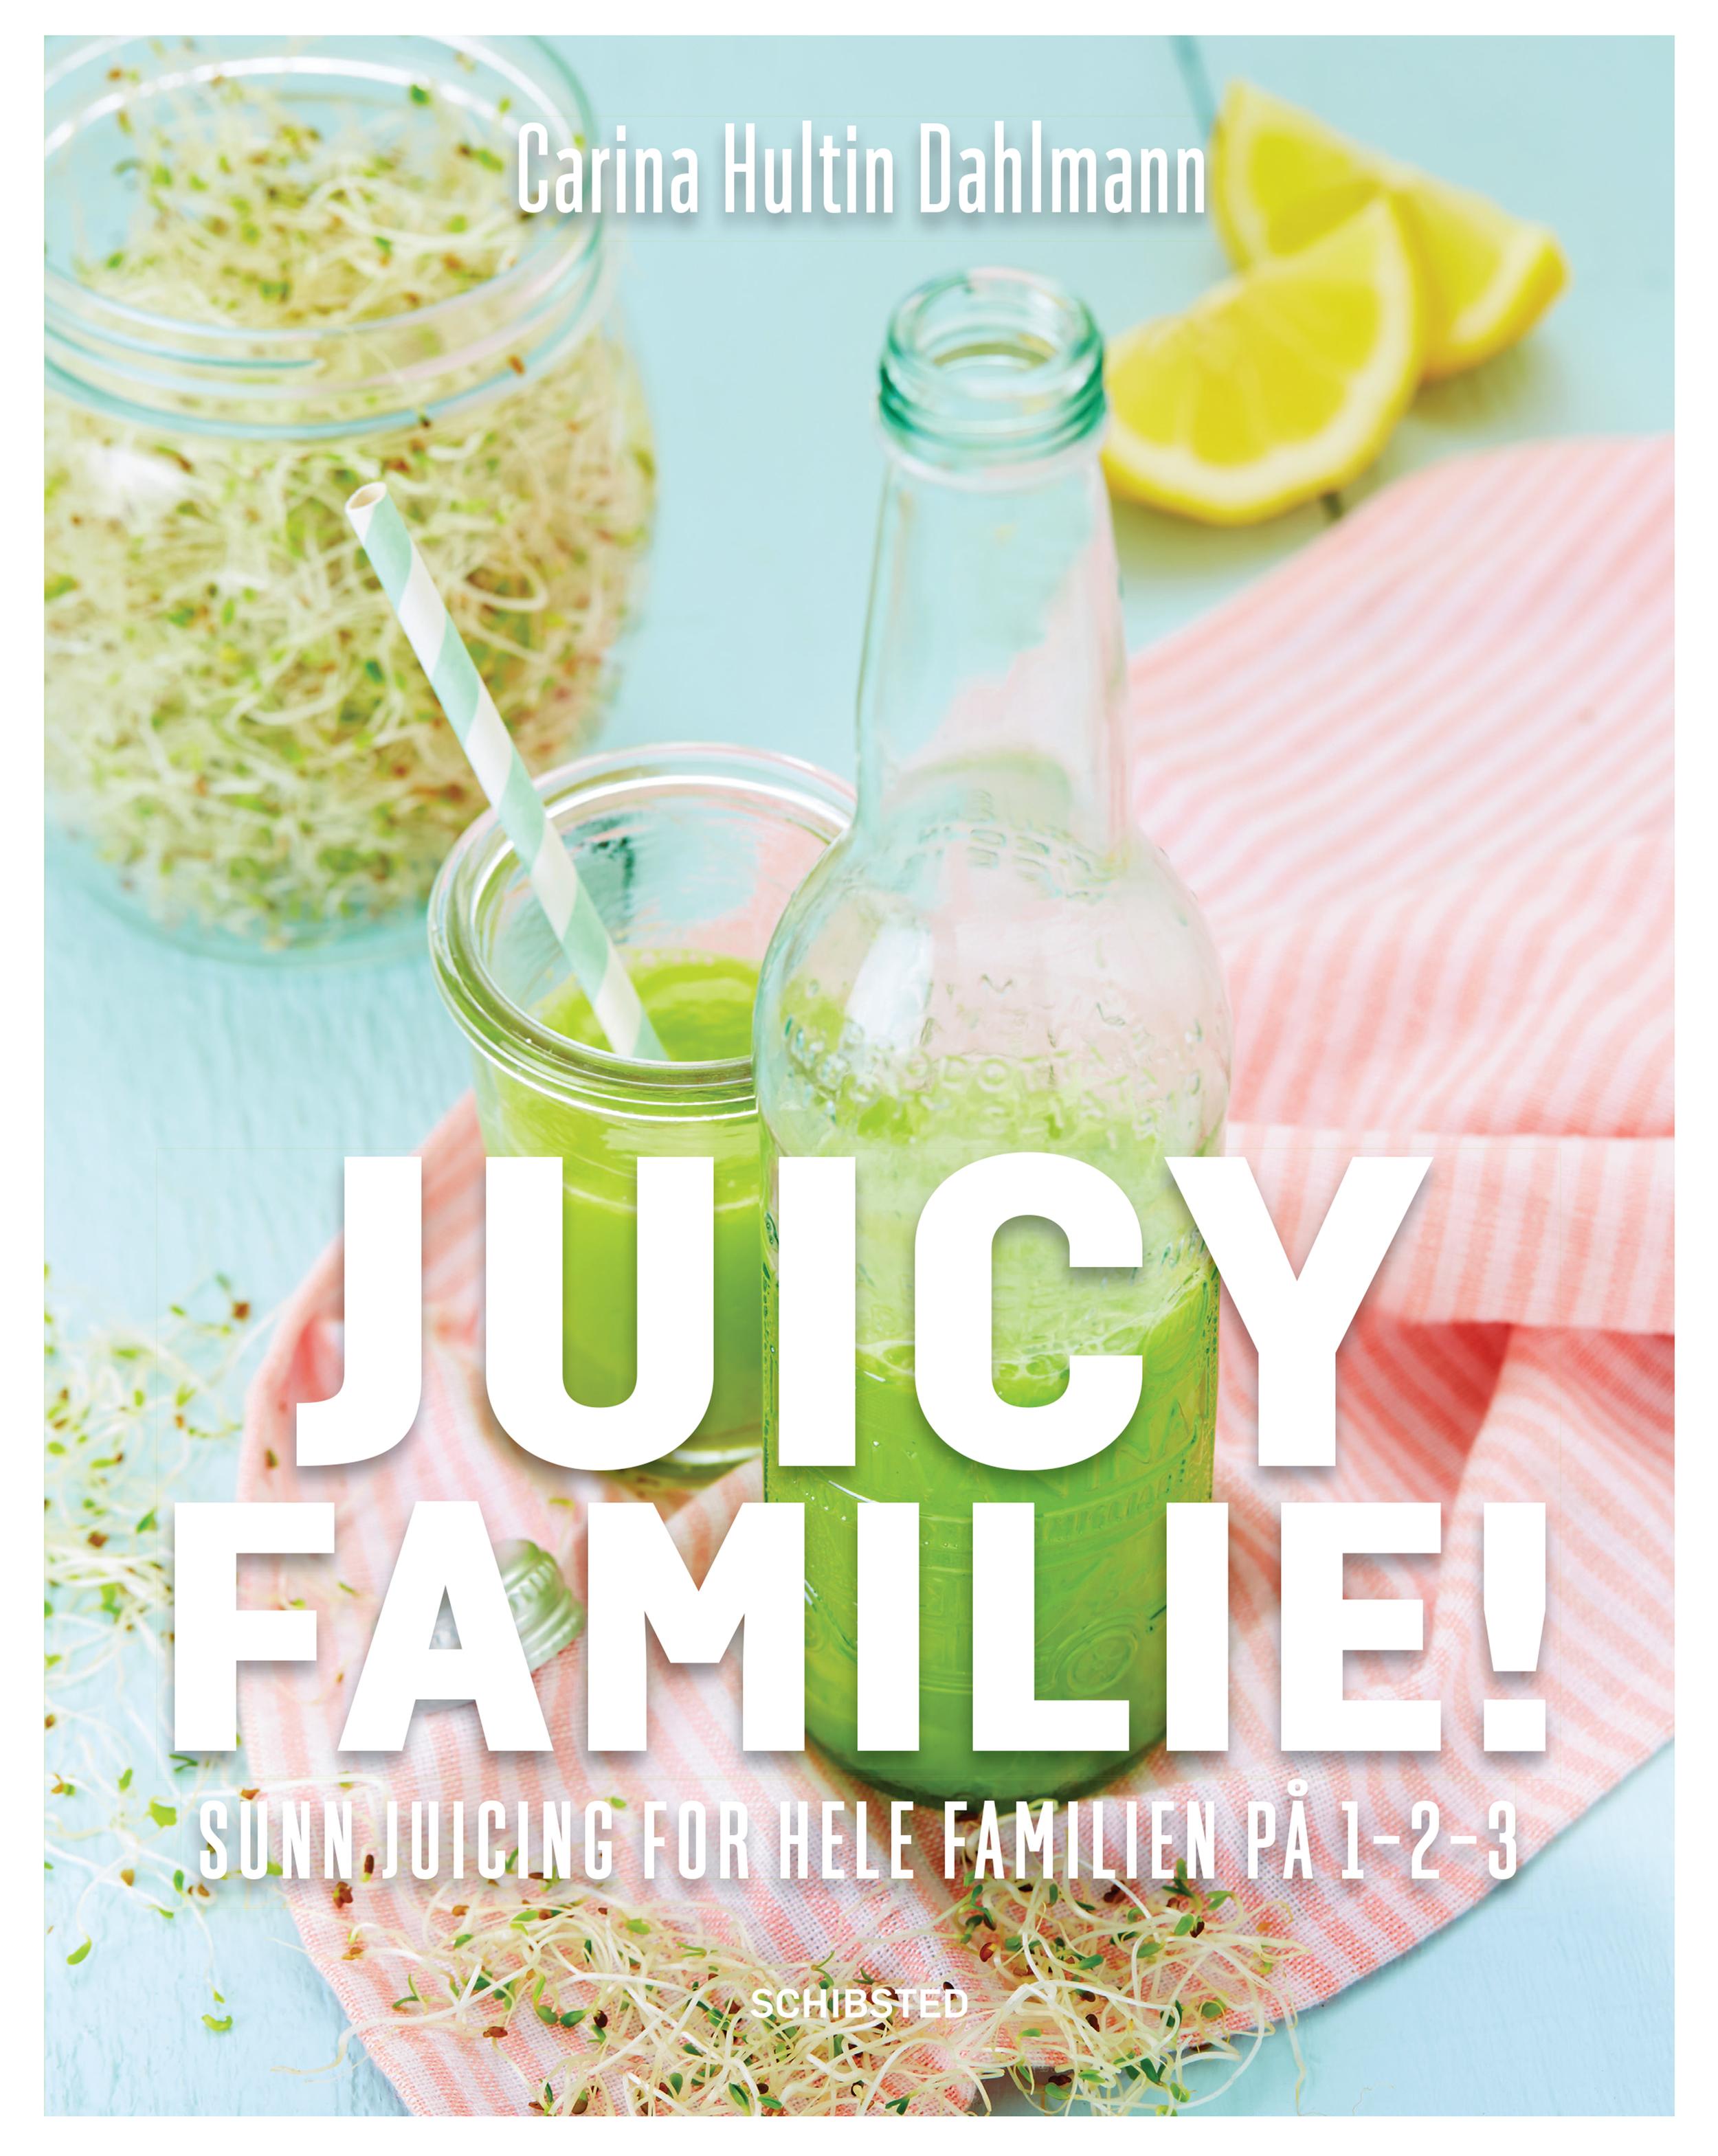 Juicy Familie, sunn juicing for hele familien på 1-2-3.